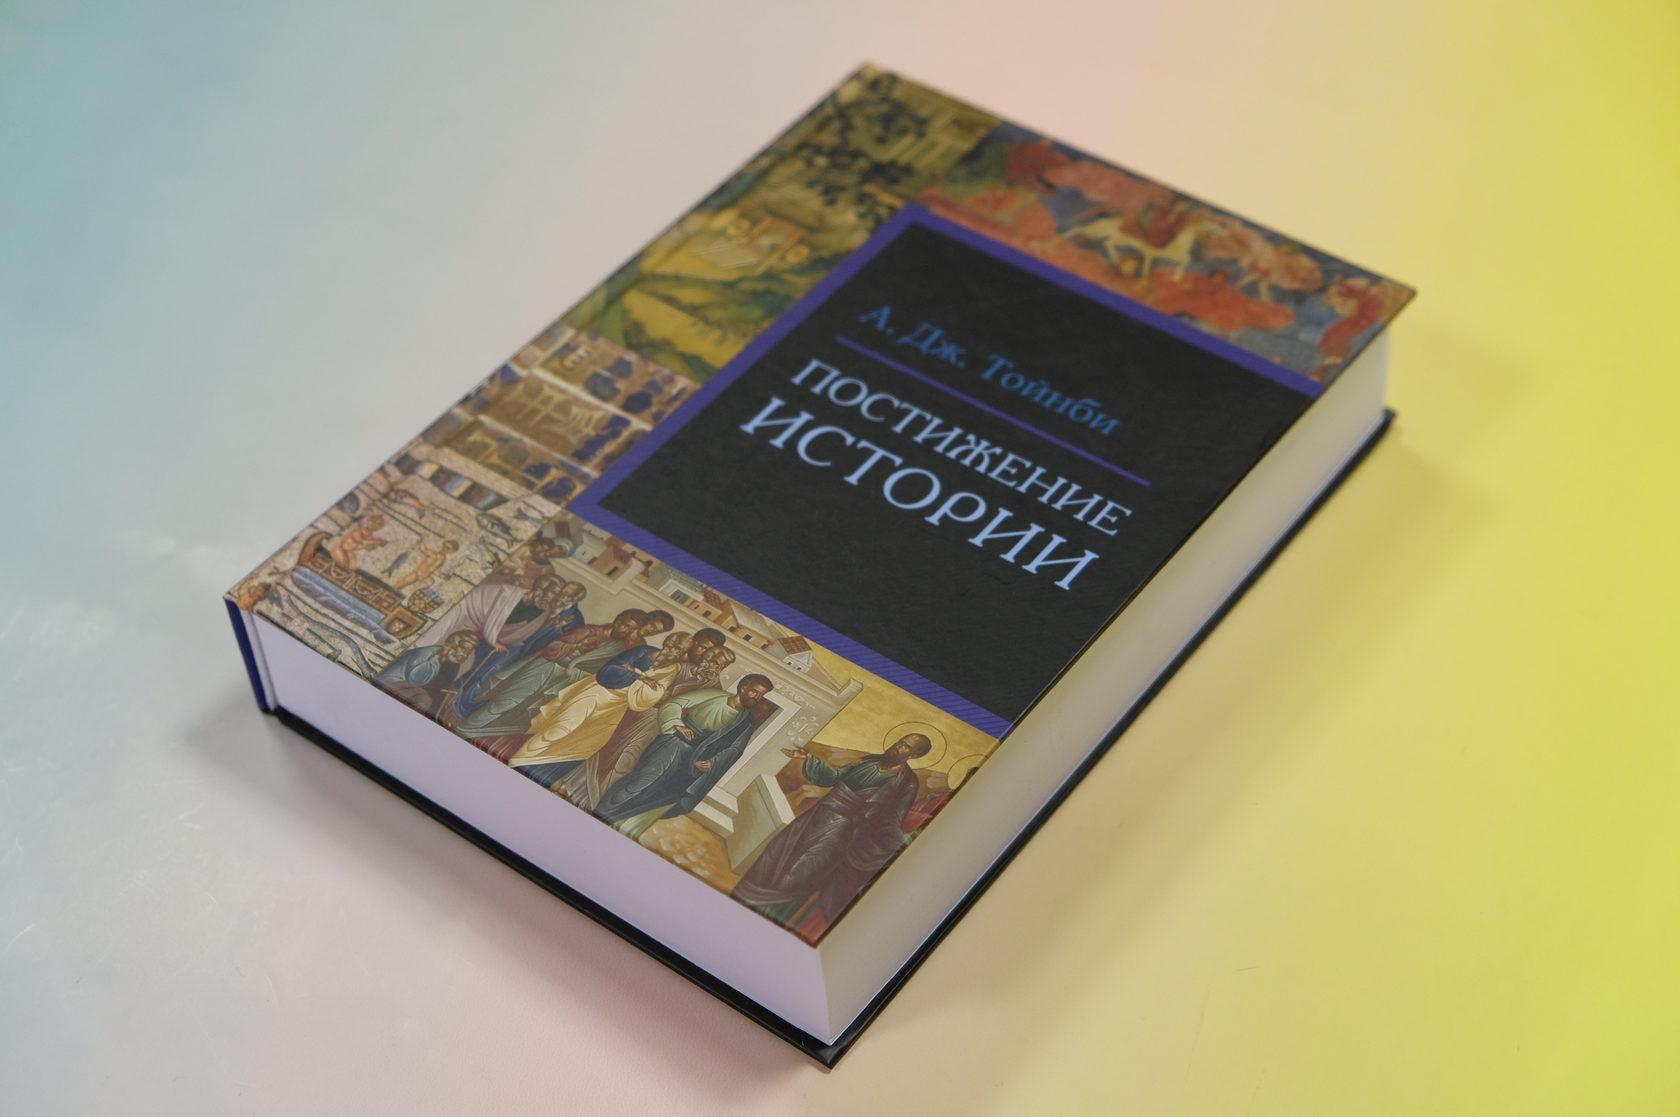 Купить книгу Арнольд Тойнби «Постижение истории»